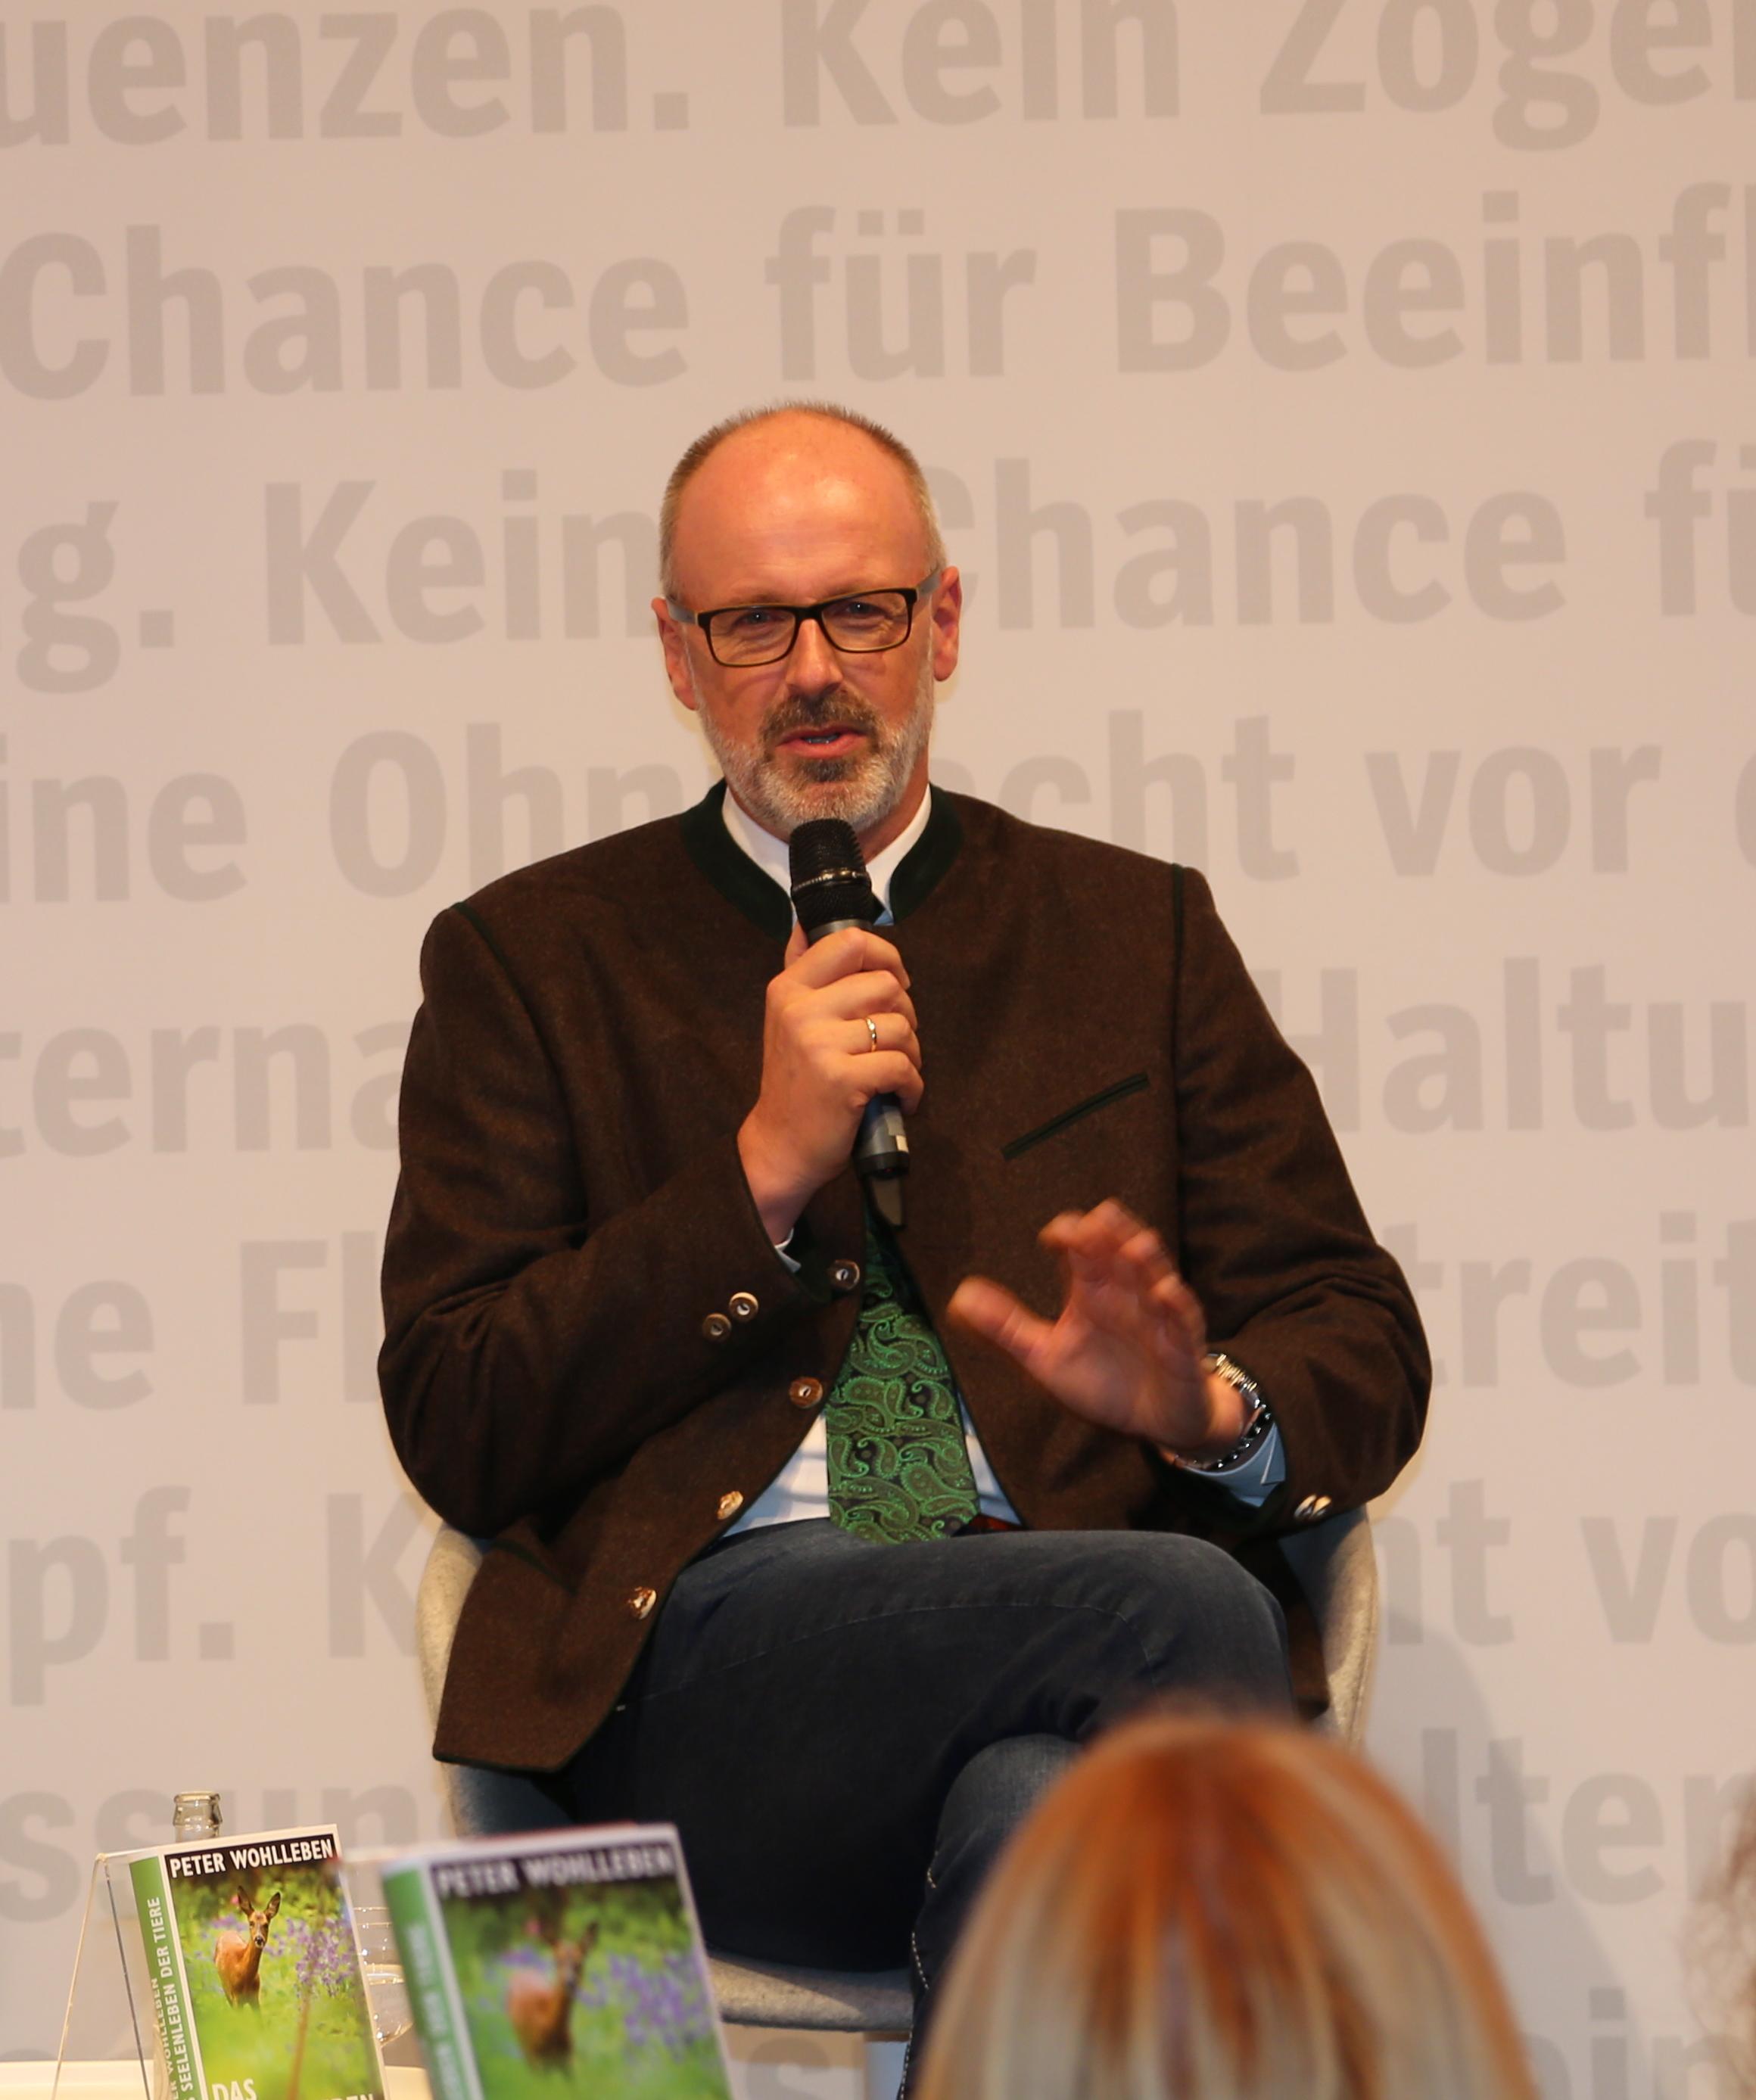 Wohlleben in 2012